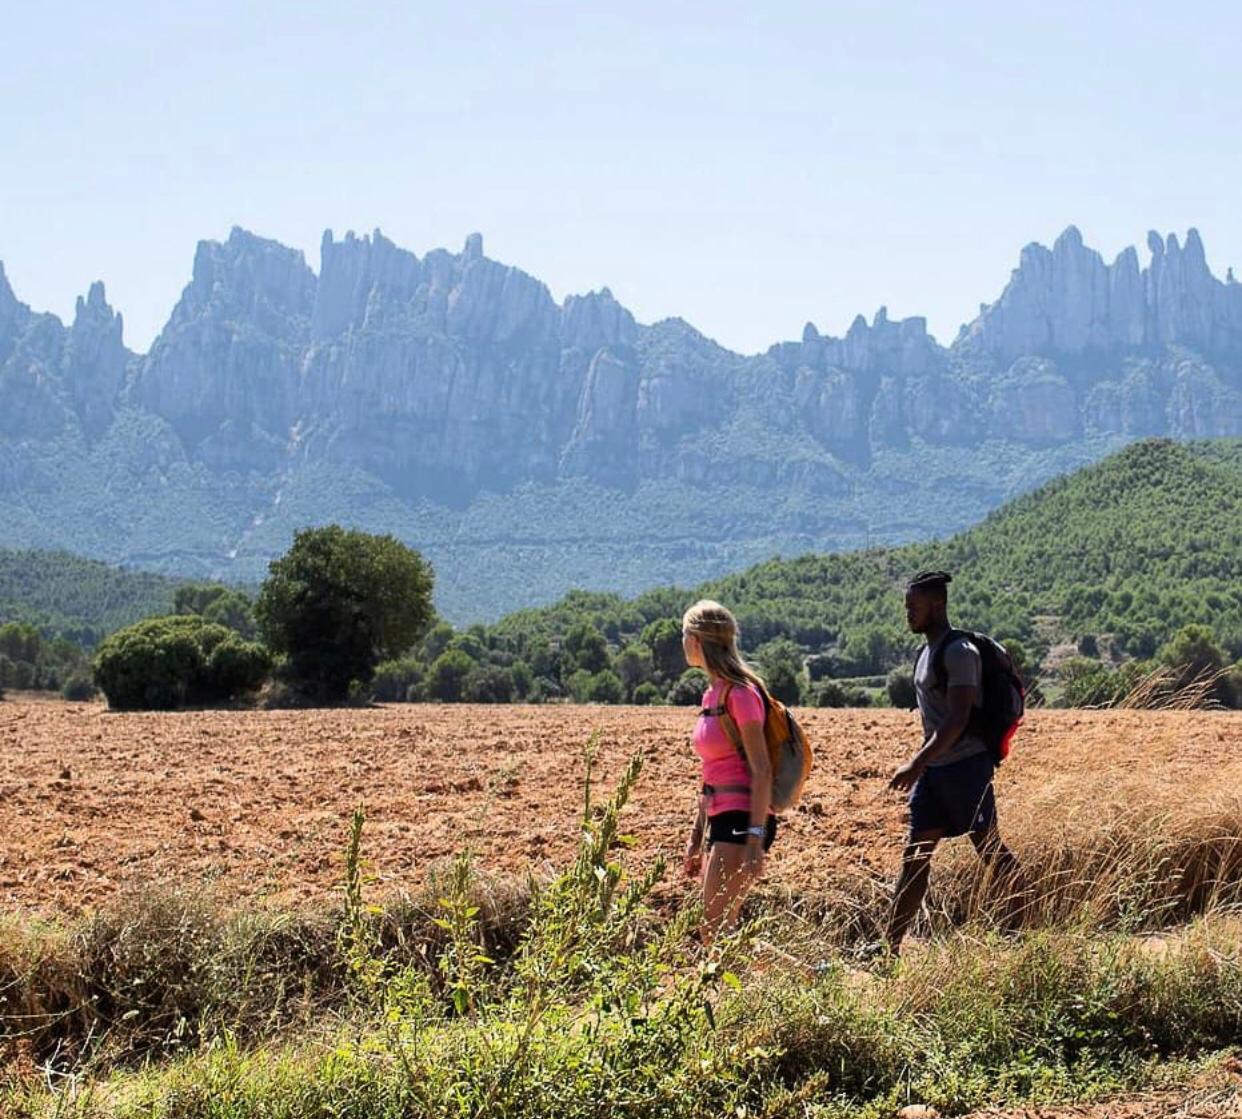 Exhaurides les places per la caminada nocturna Montserrat-Manresa d'aquest dissabte